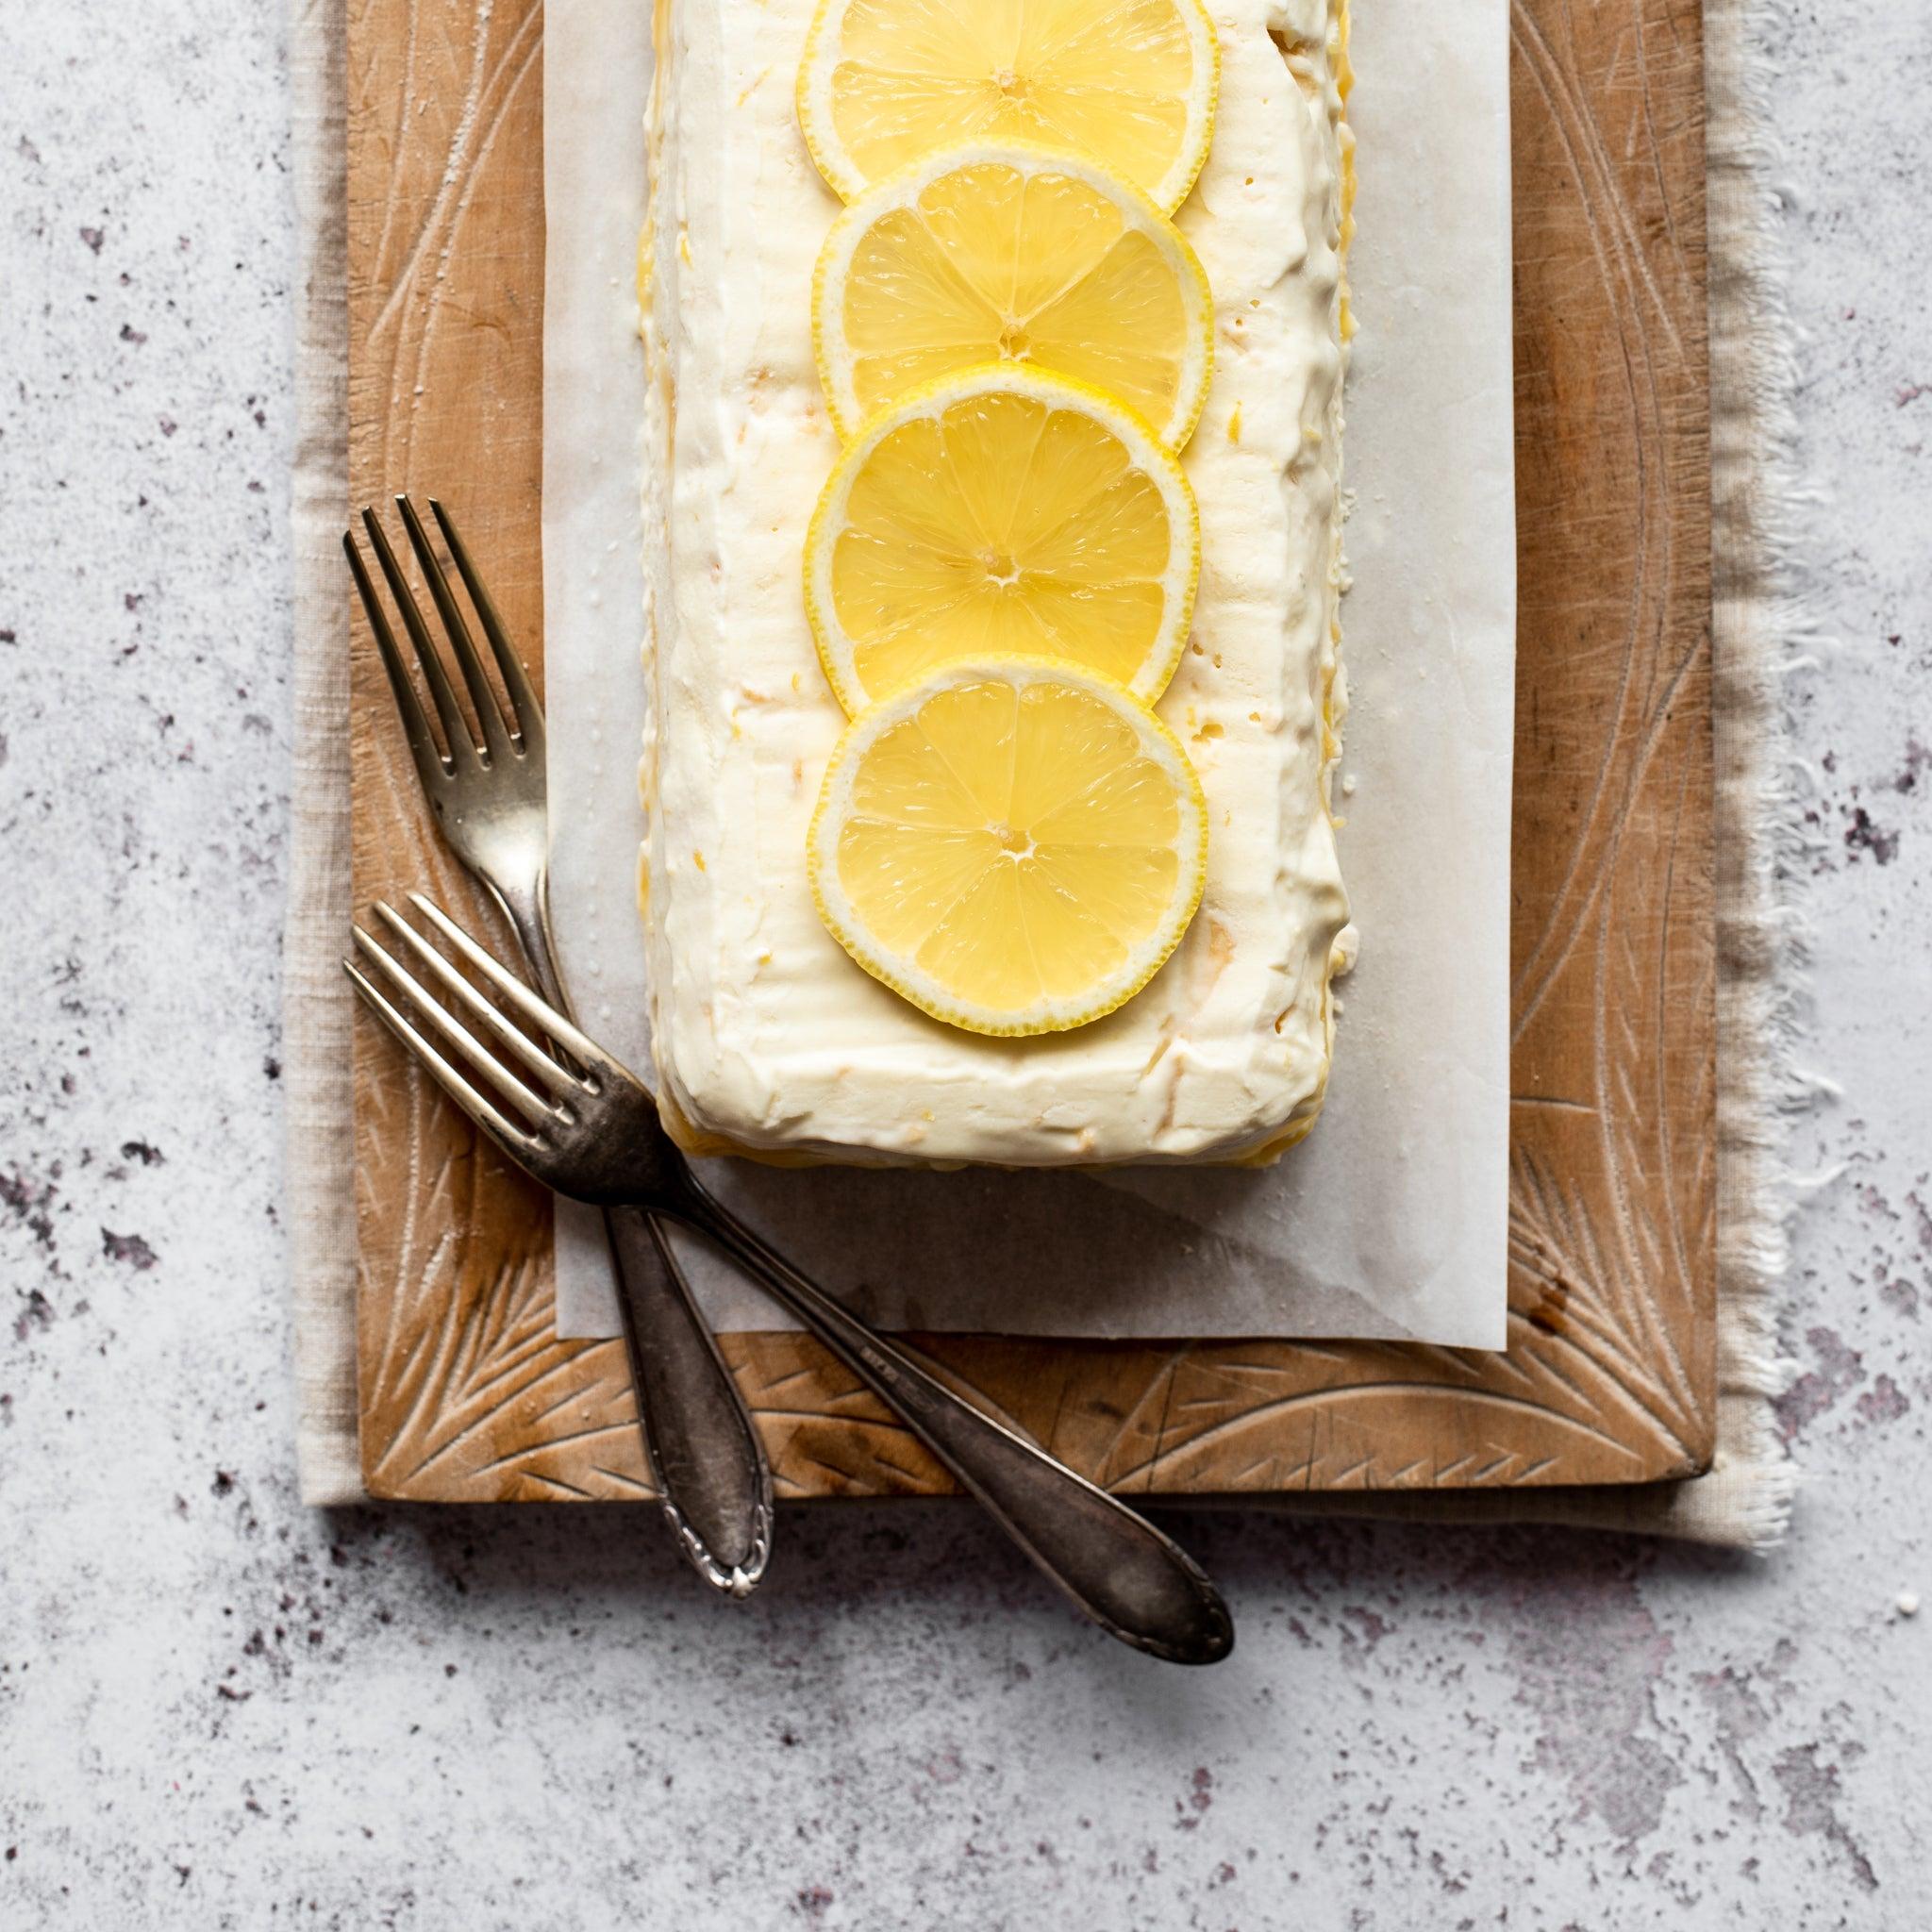 Lemon-Meringue-Ice-Cream-SQUARE-5.jpg